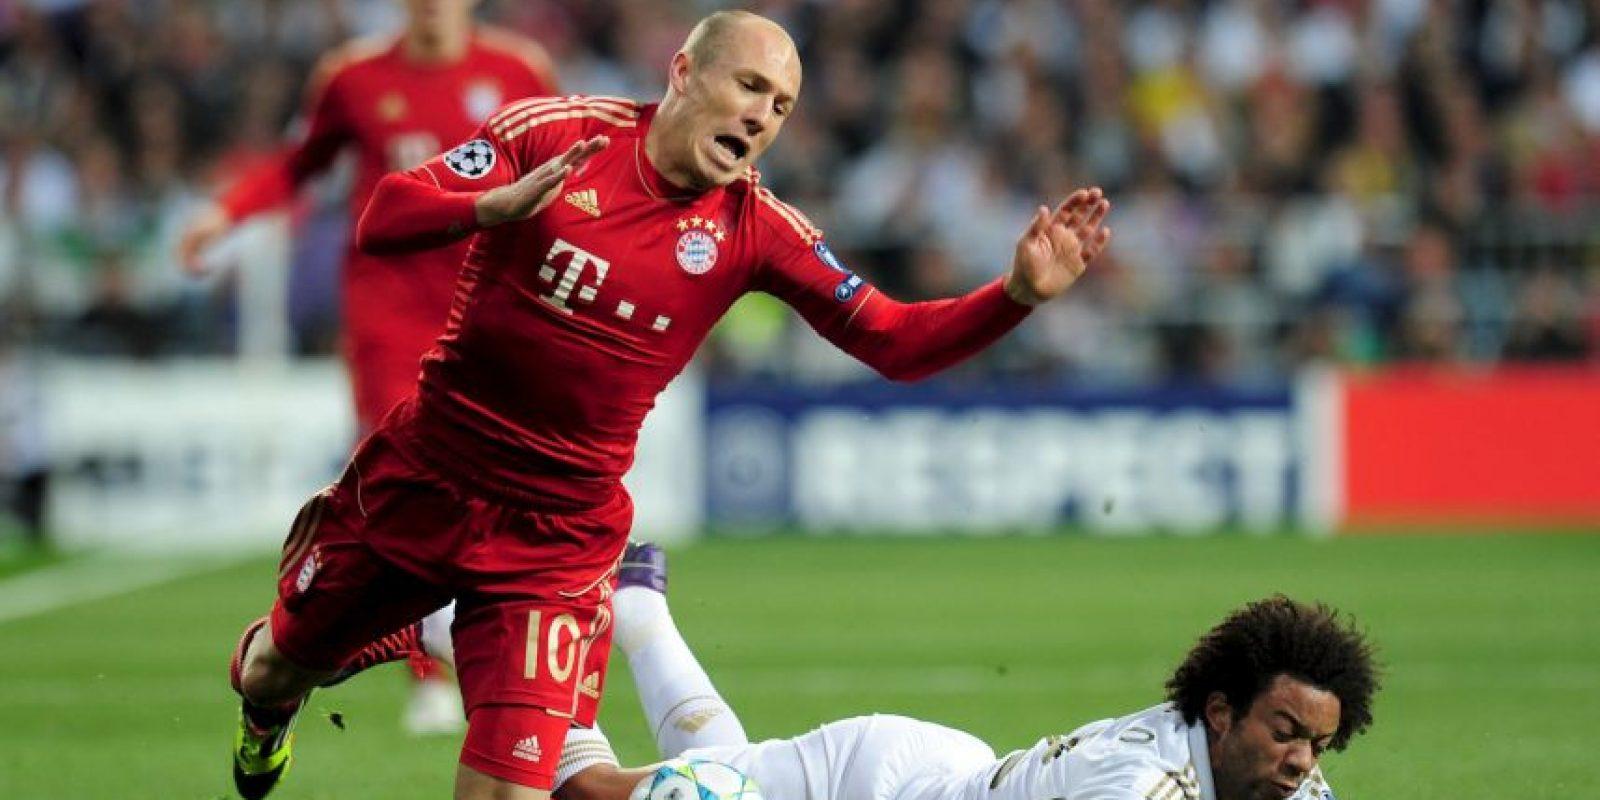 En la temporada 2010-2012, Bayern Múnich superó en penales al Real Madrid. Los bávaros también recibieron el partido de ida. Foto:Getty Images